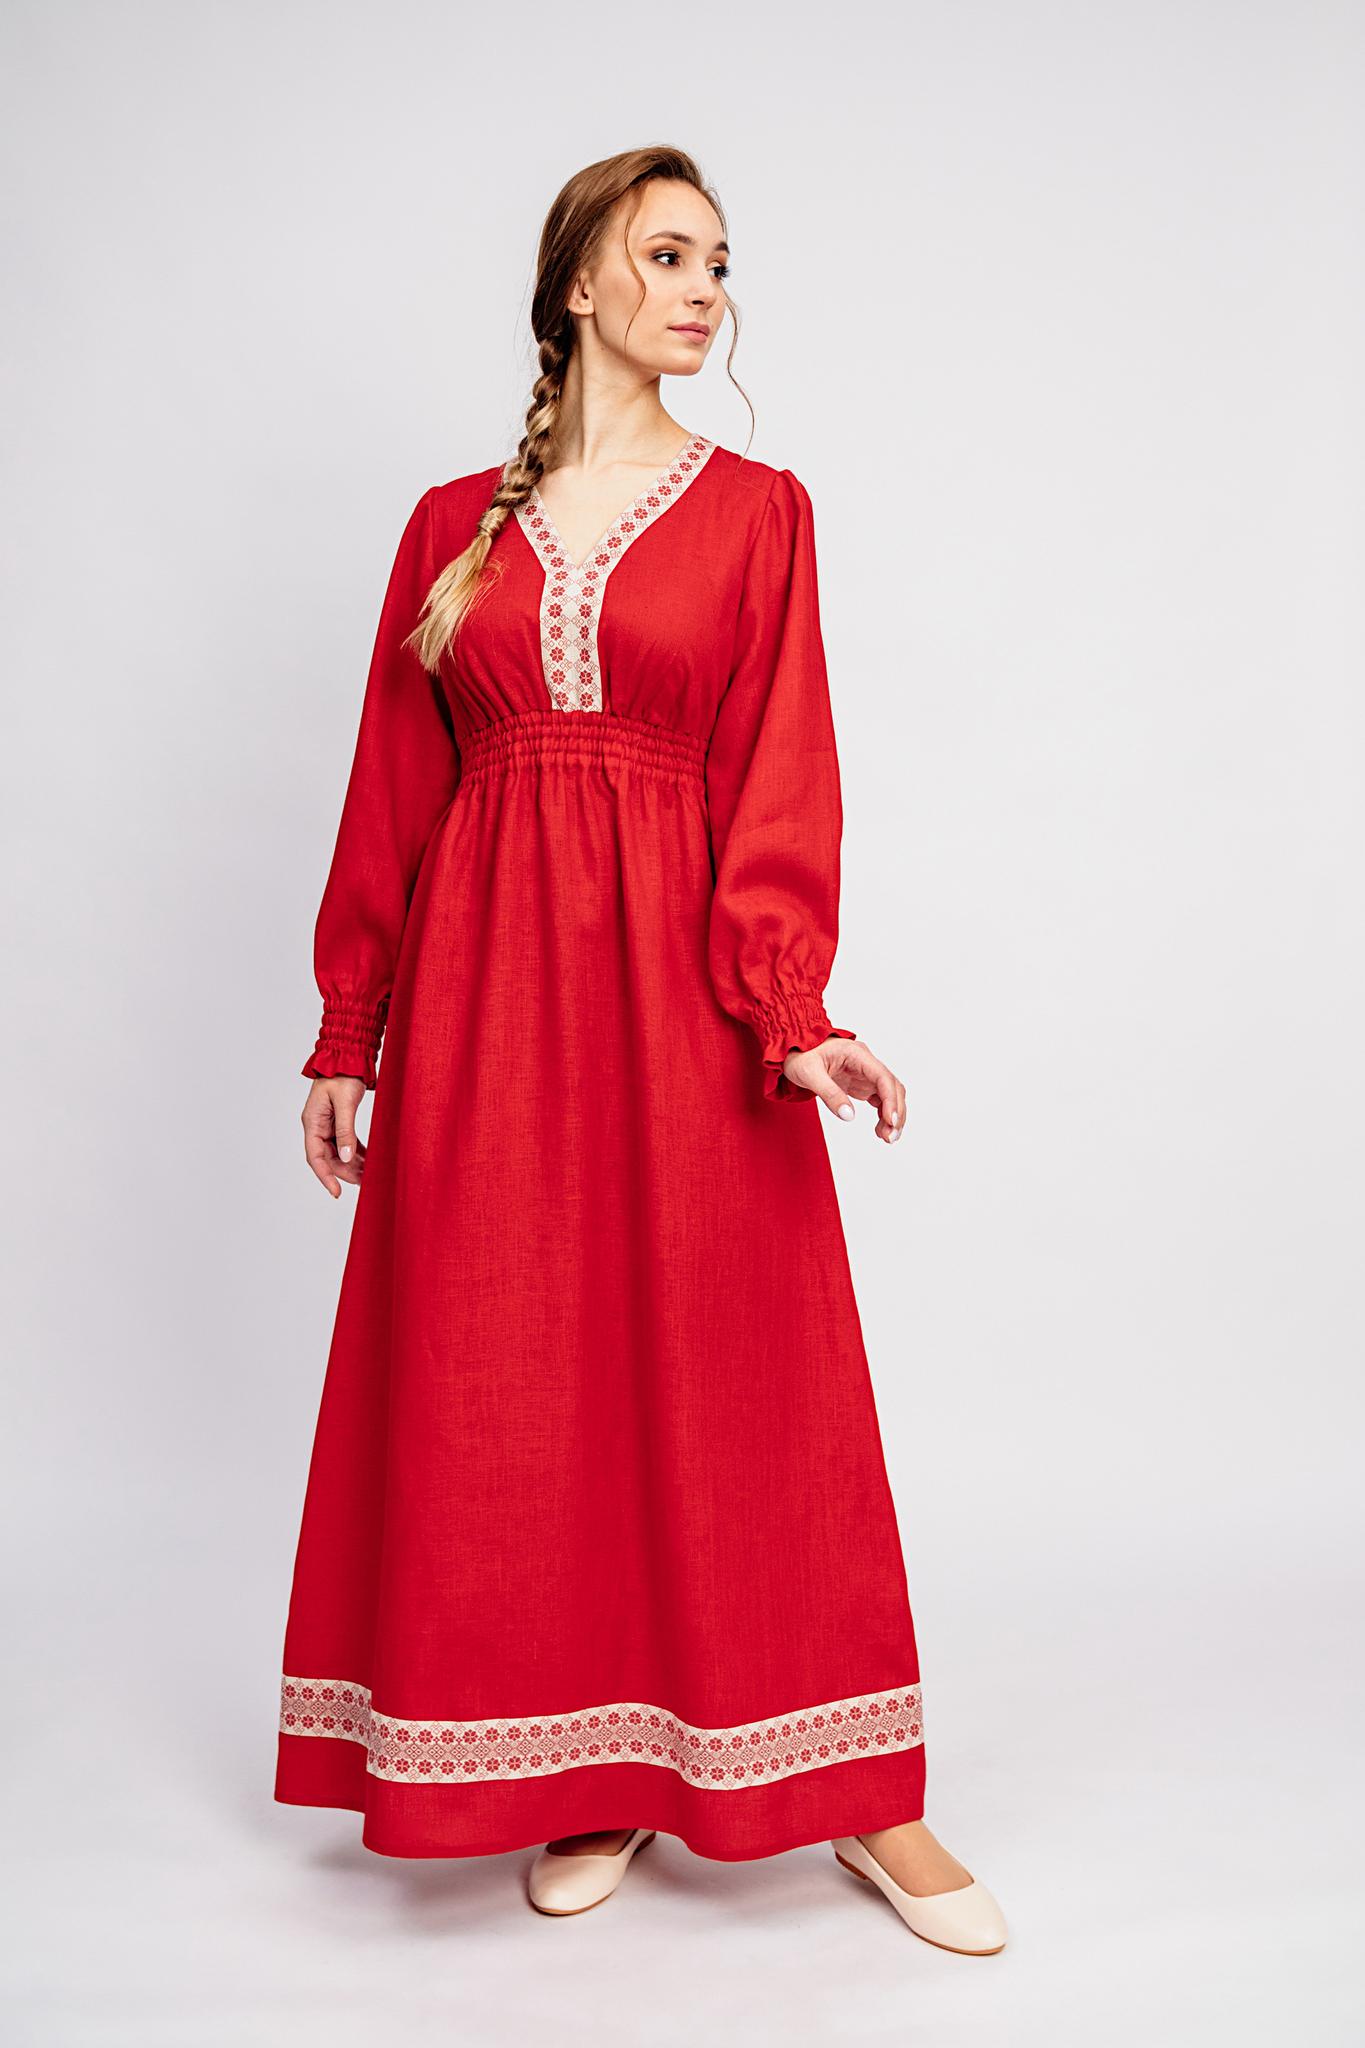 Платье льняное Утренняя роза в русском стиле